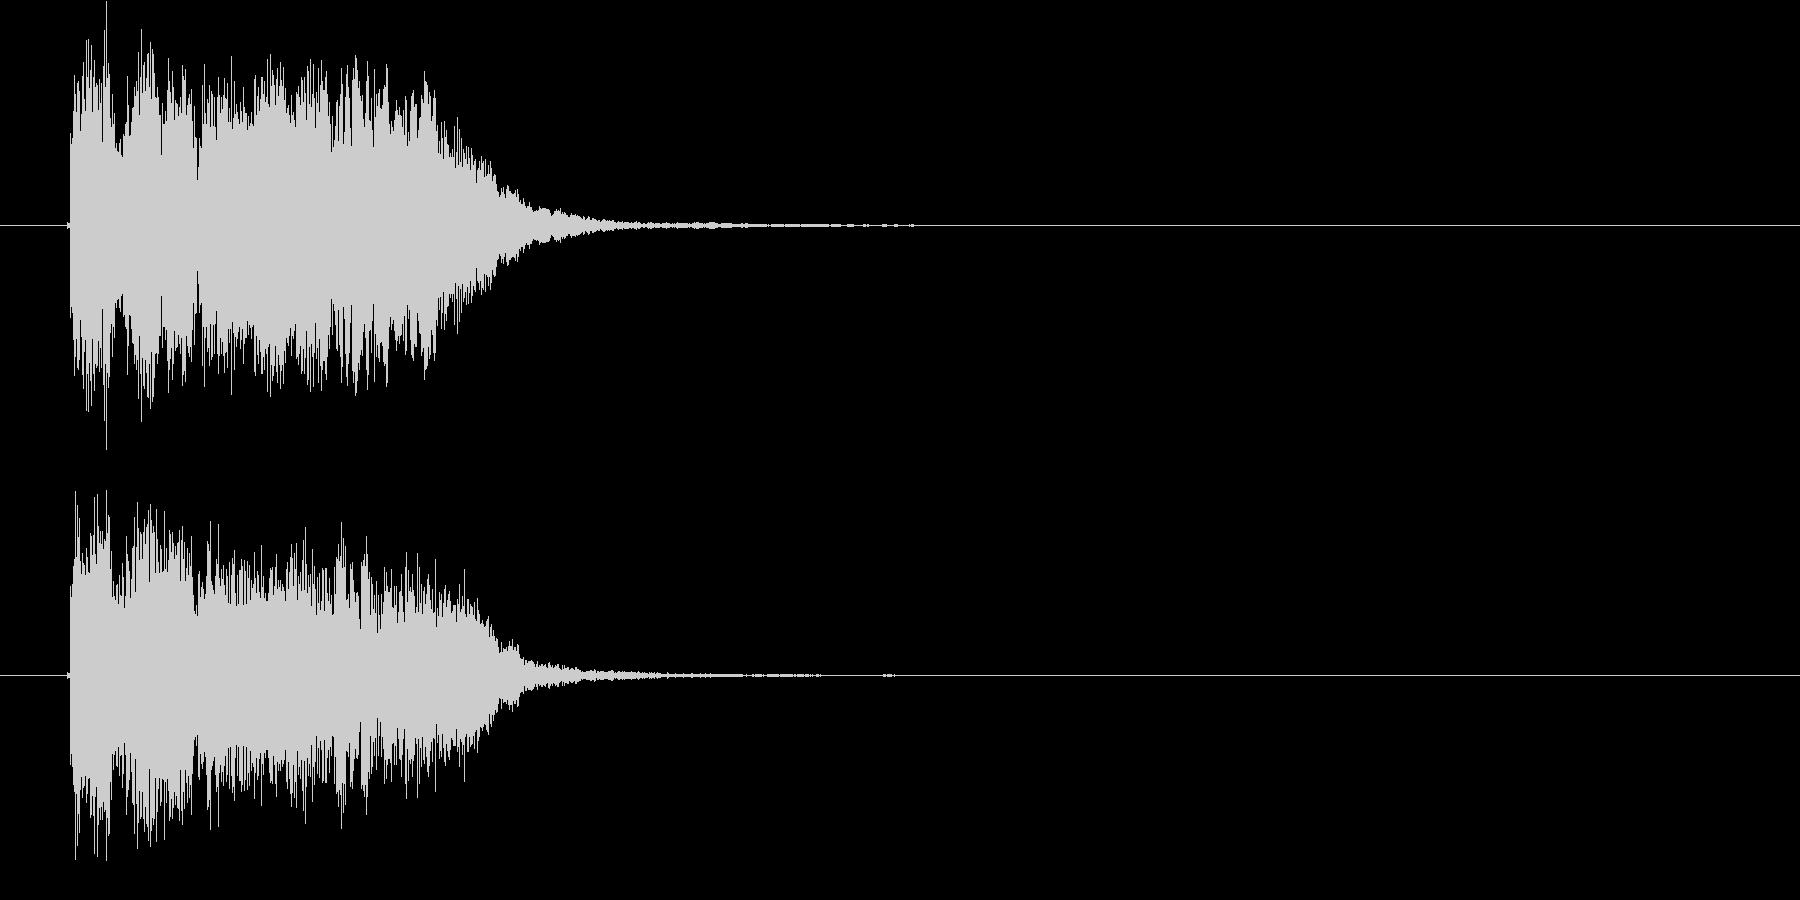 軽快でポップな英語の声入りジングルの未再生の波形